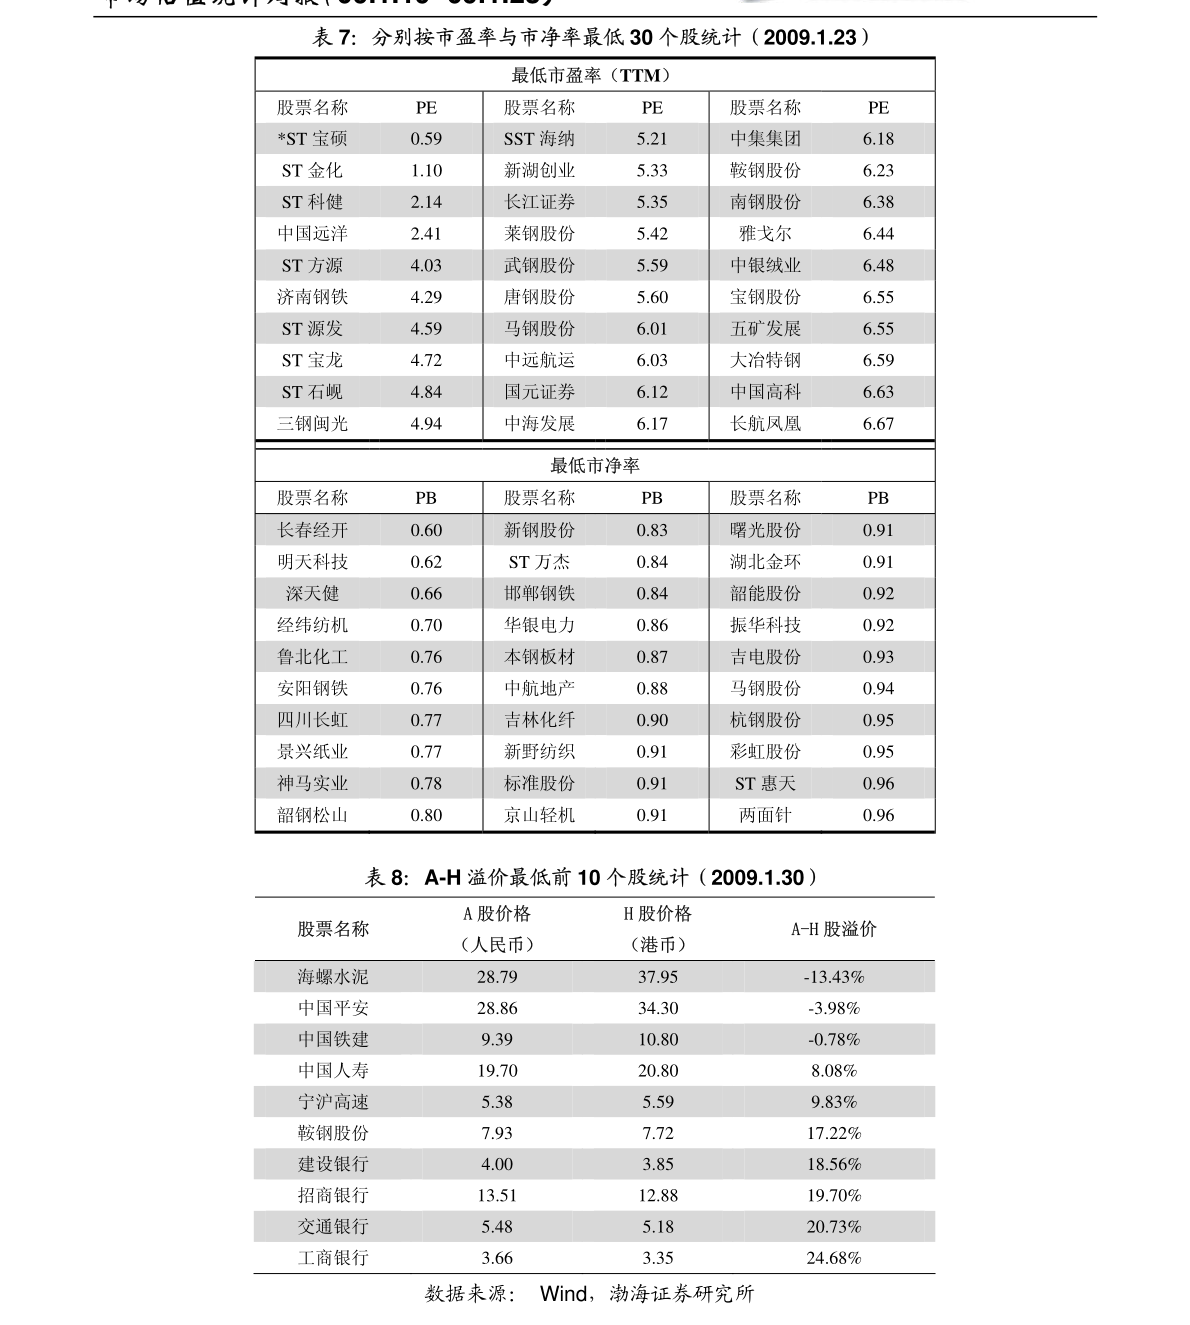 越南建设雷火电竞平台-越南股市日评:Vin集团概念股异动拉升,越南指数实现七连阳-210112